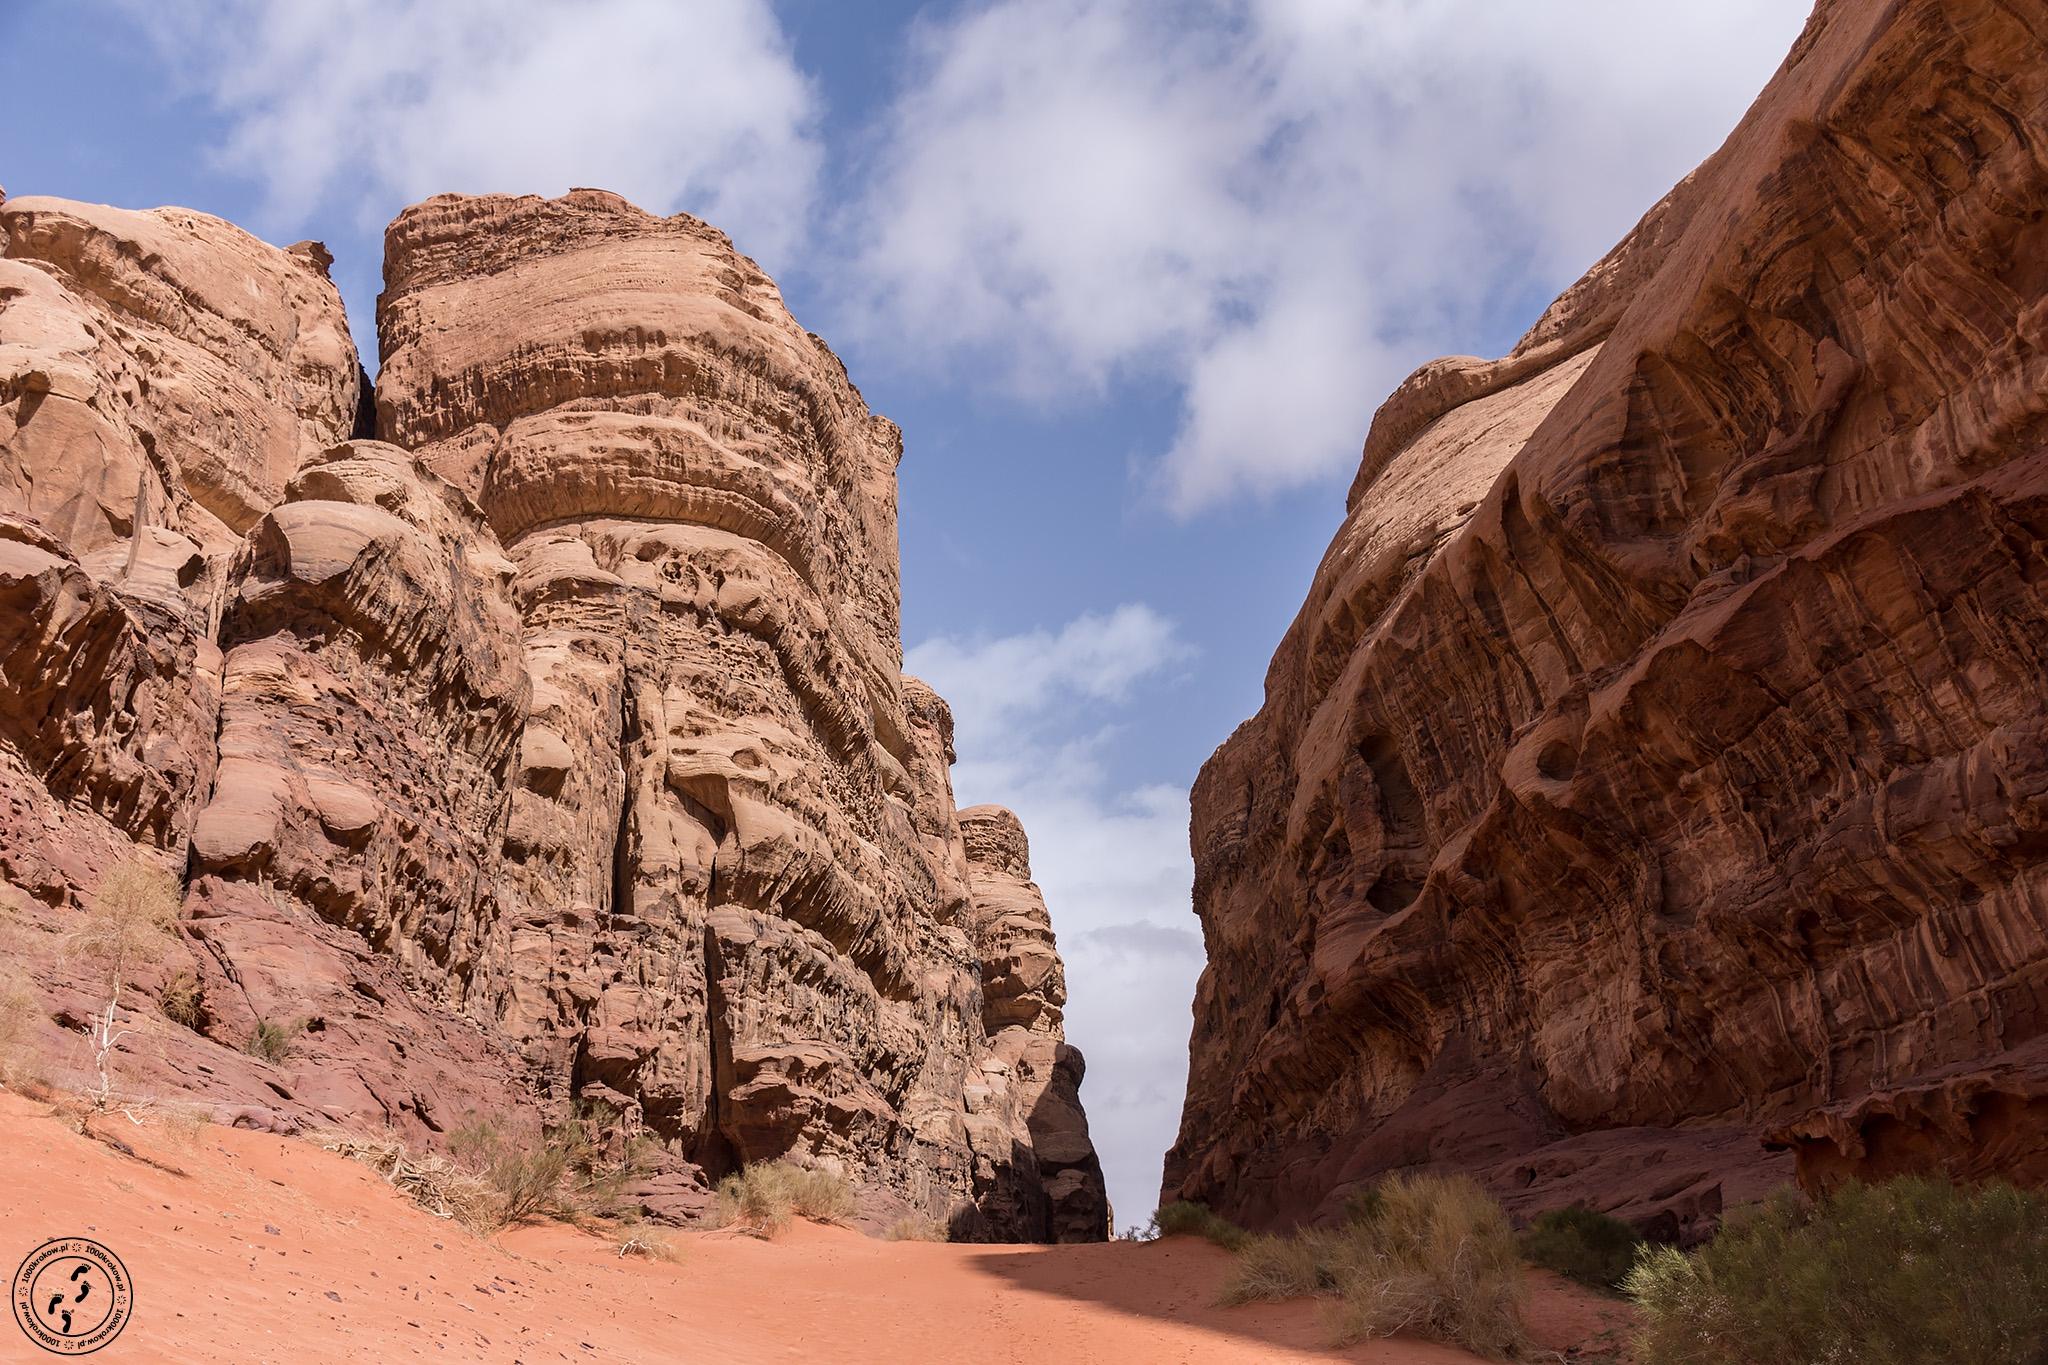 Kanion Abu Khashab